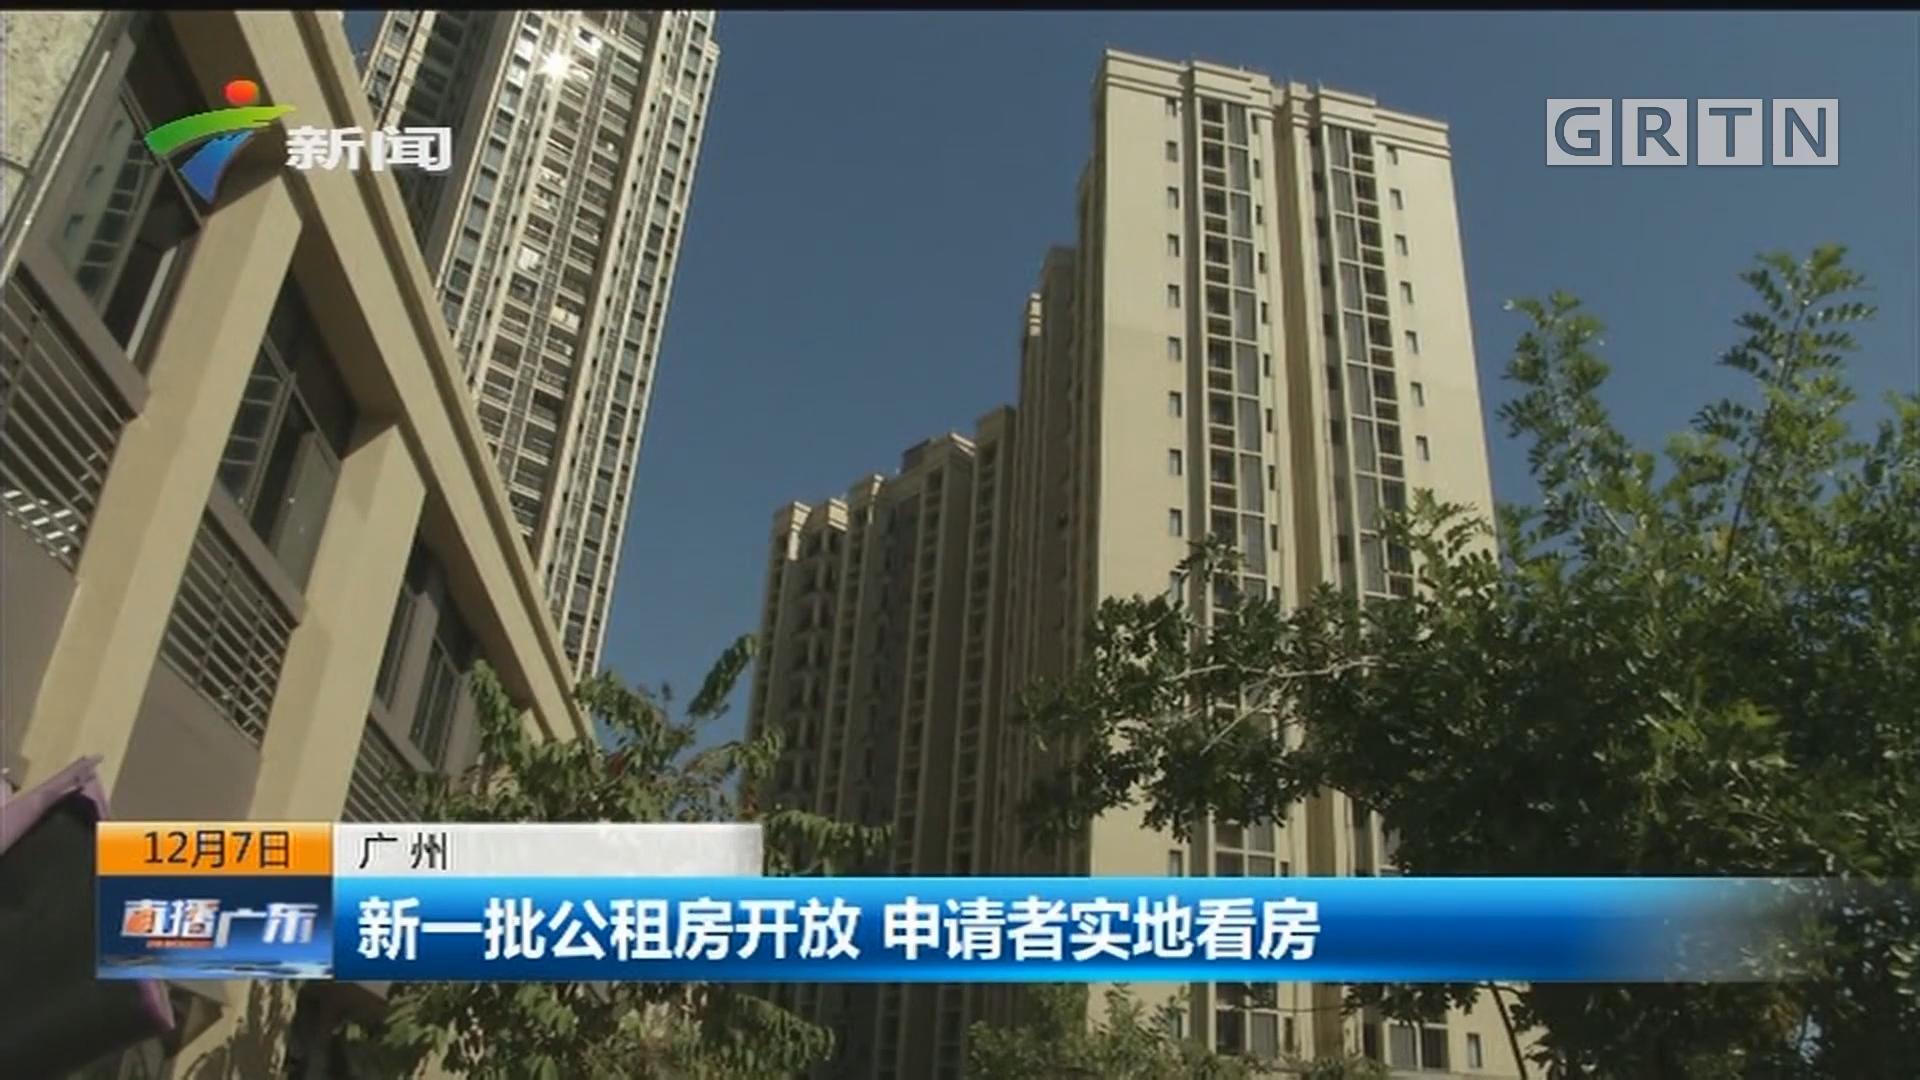 广州 新一批公租房开放 申请者实地看房